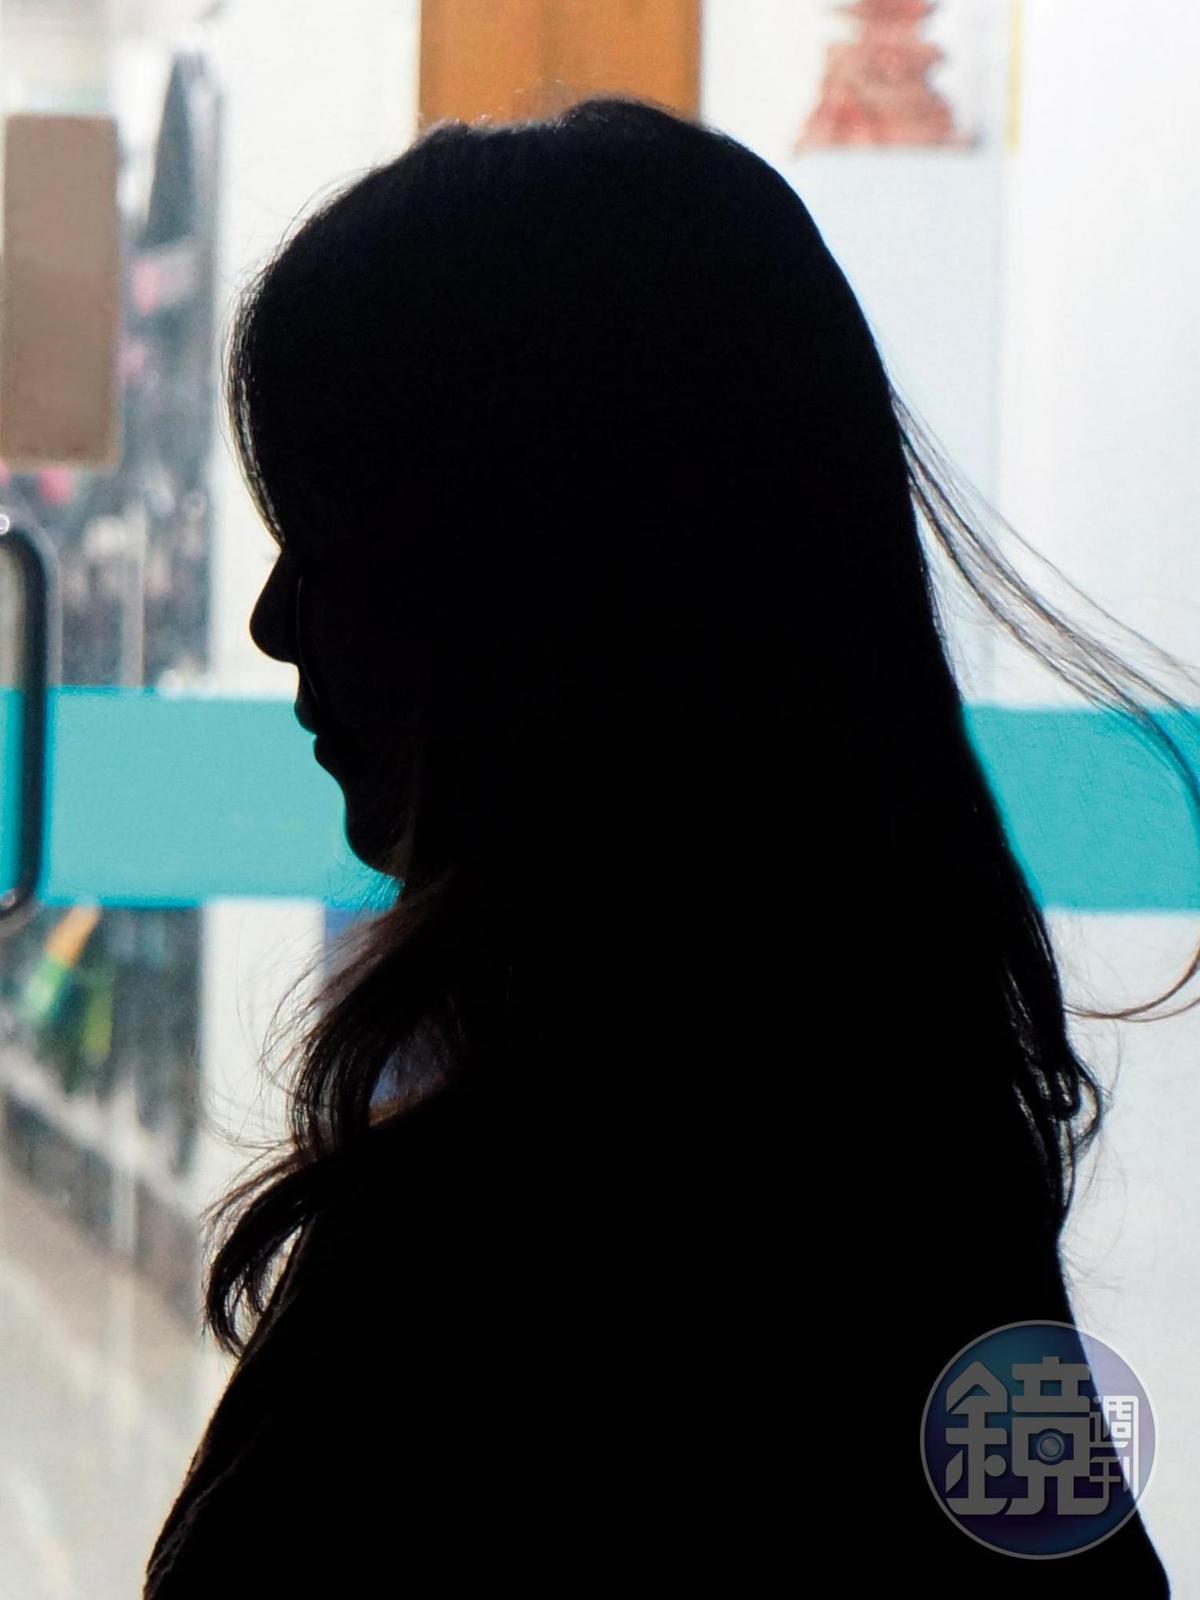 房東陳小姐(圖)指控胡嘉嘉霸屋不還,態度還很惡劣。